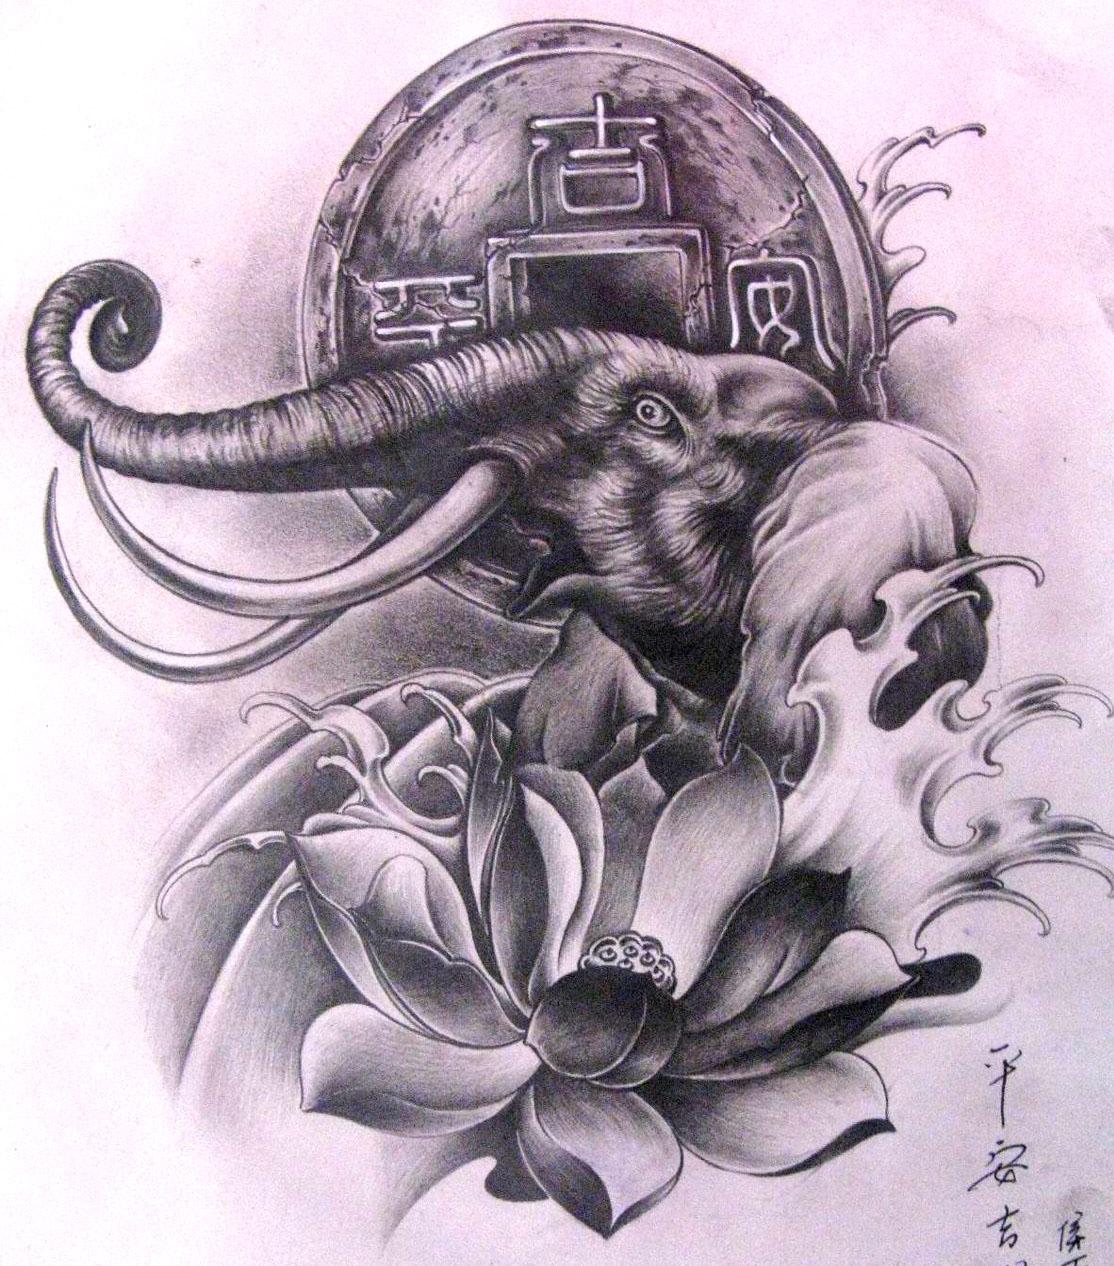 【重庆纹身吧】-----大象小样要的拿去幼儿园室内设计素材图片